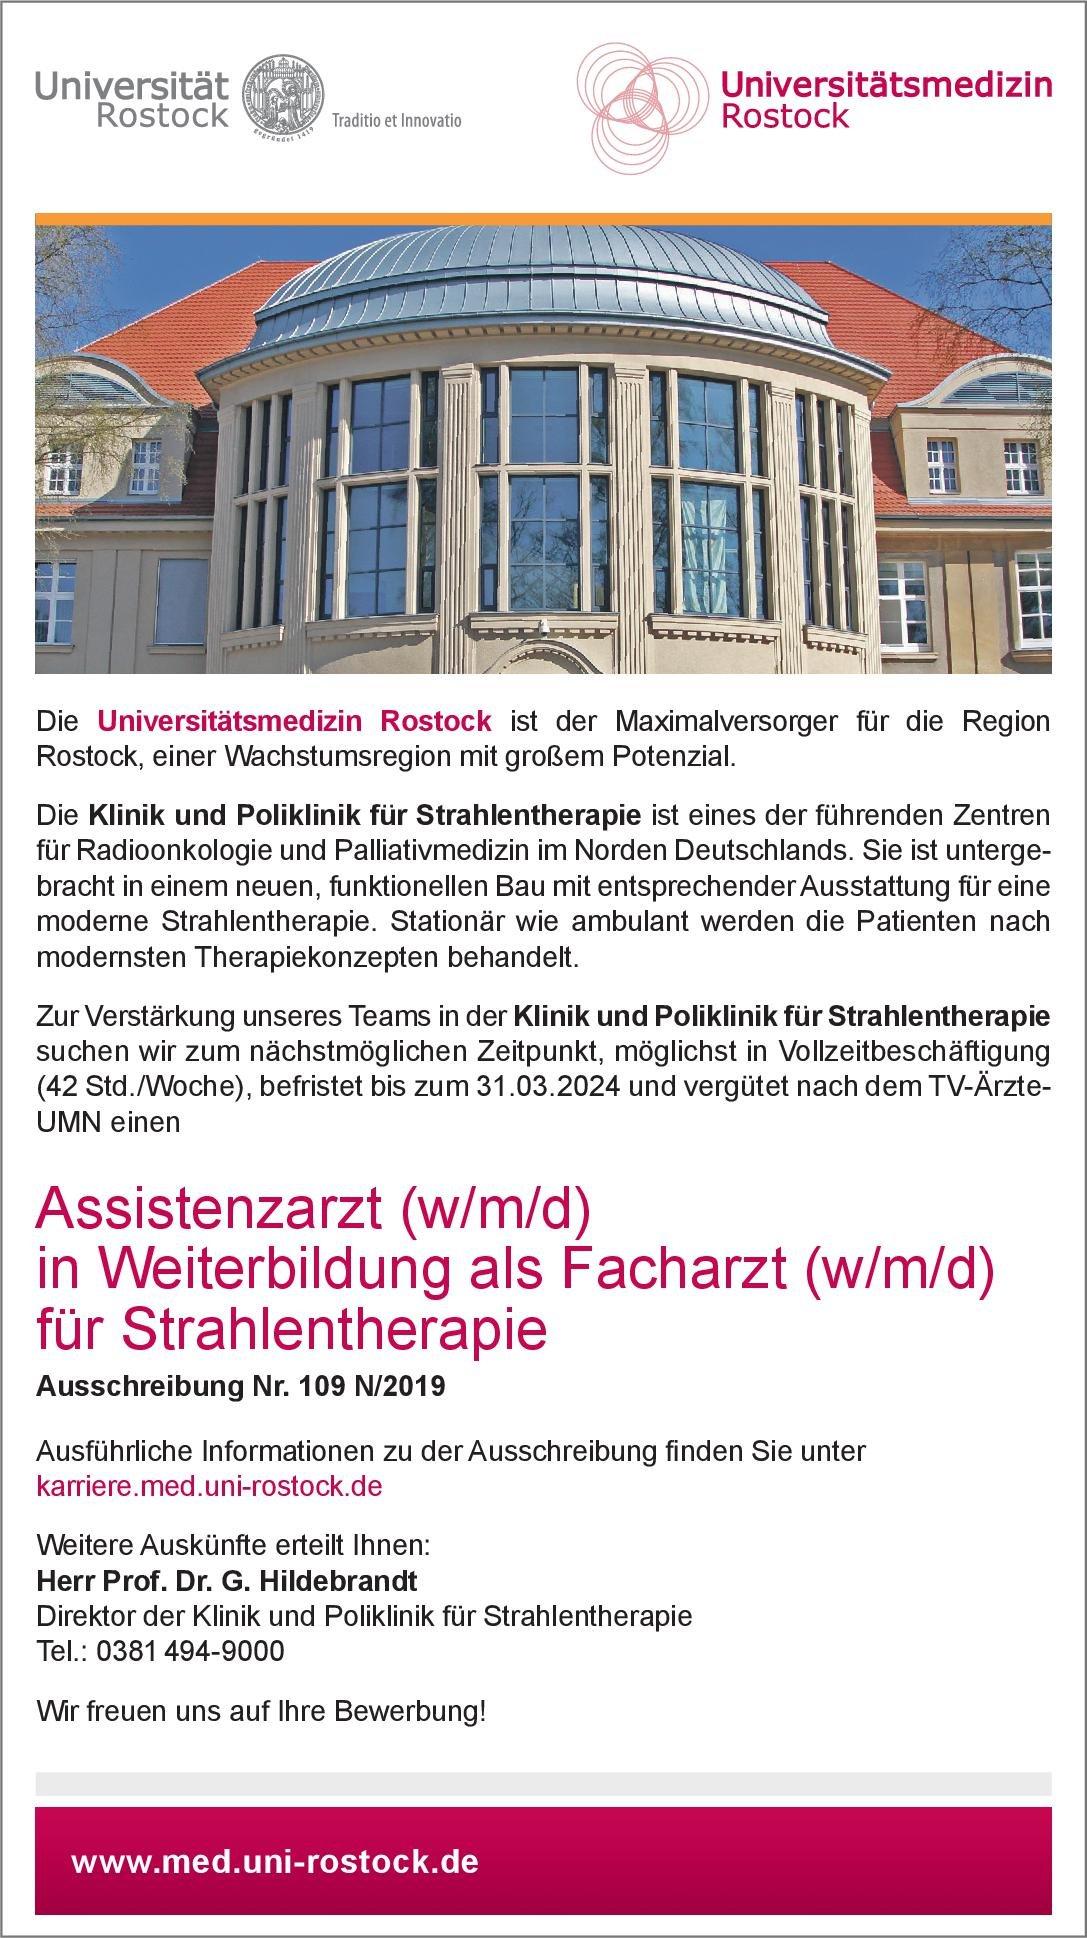 Universitätsmedizin Rostock Assistenzarzt (w/m/d) in Weiterbildung als Facharzt (w/m/d) für Strahlentherapie Strahlentherapie Assistenzarzt / Arzt in Weiterbildung